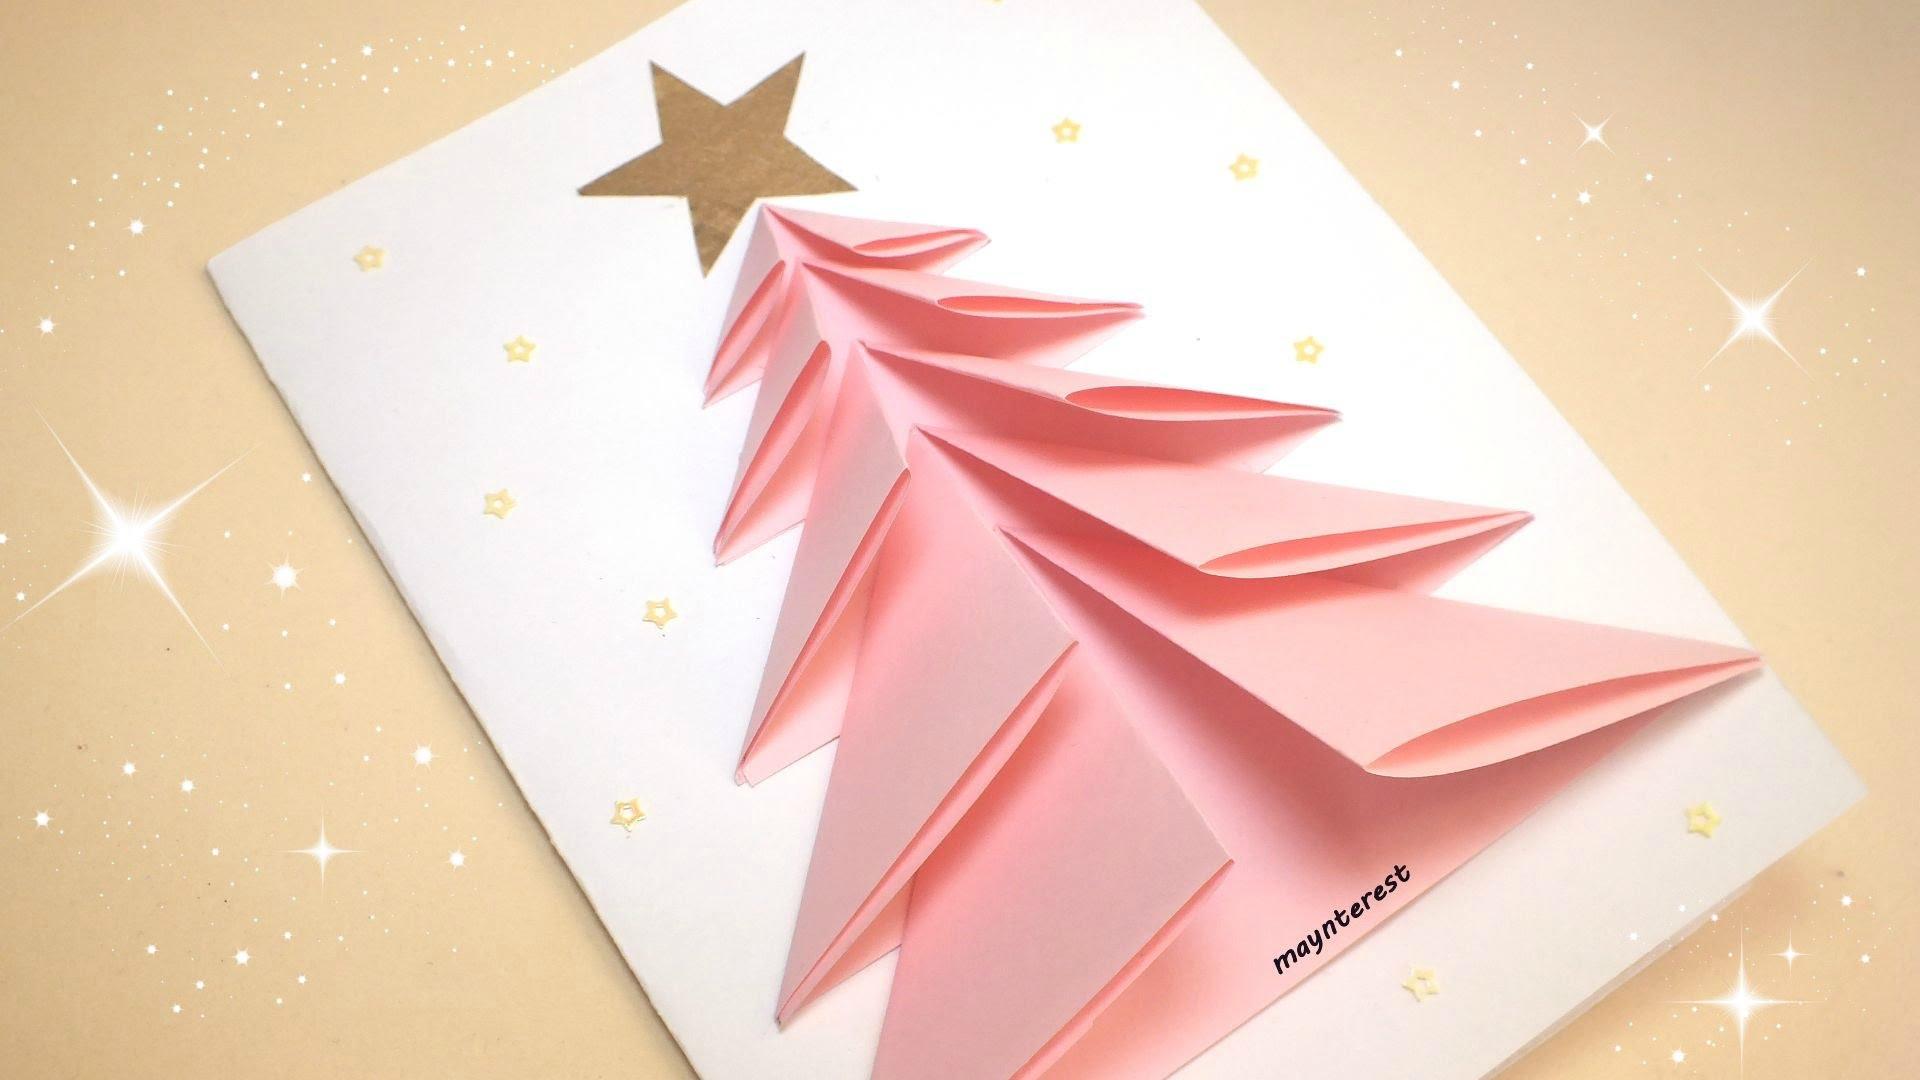 Como Hacer Una Bonita Tarjeta De Felicitacion Navidena - Manualidades-de-tarjetas-de-navidad